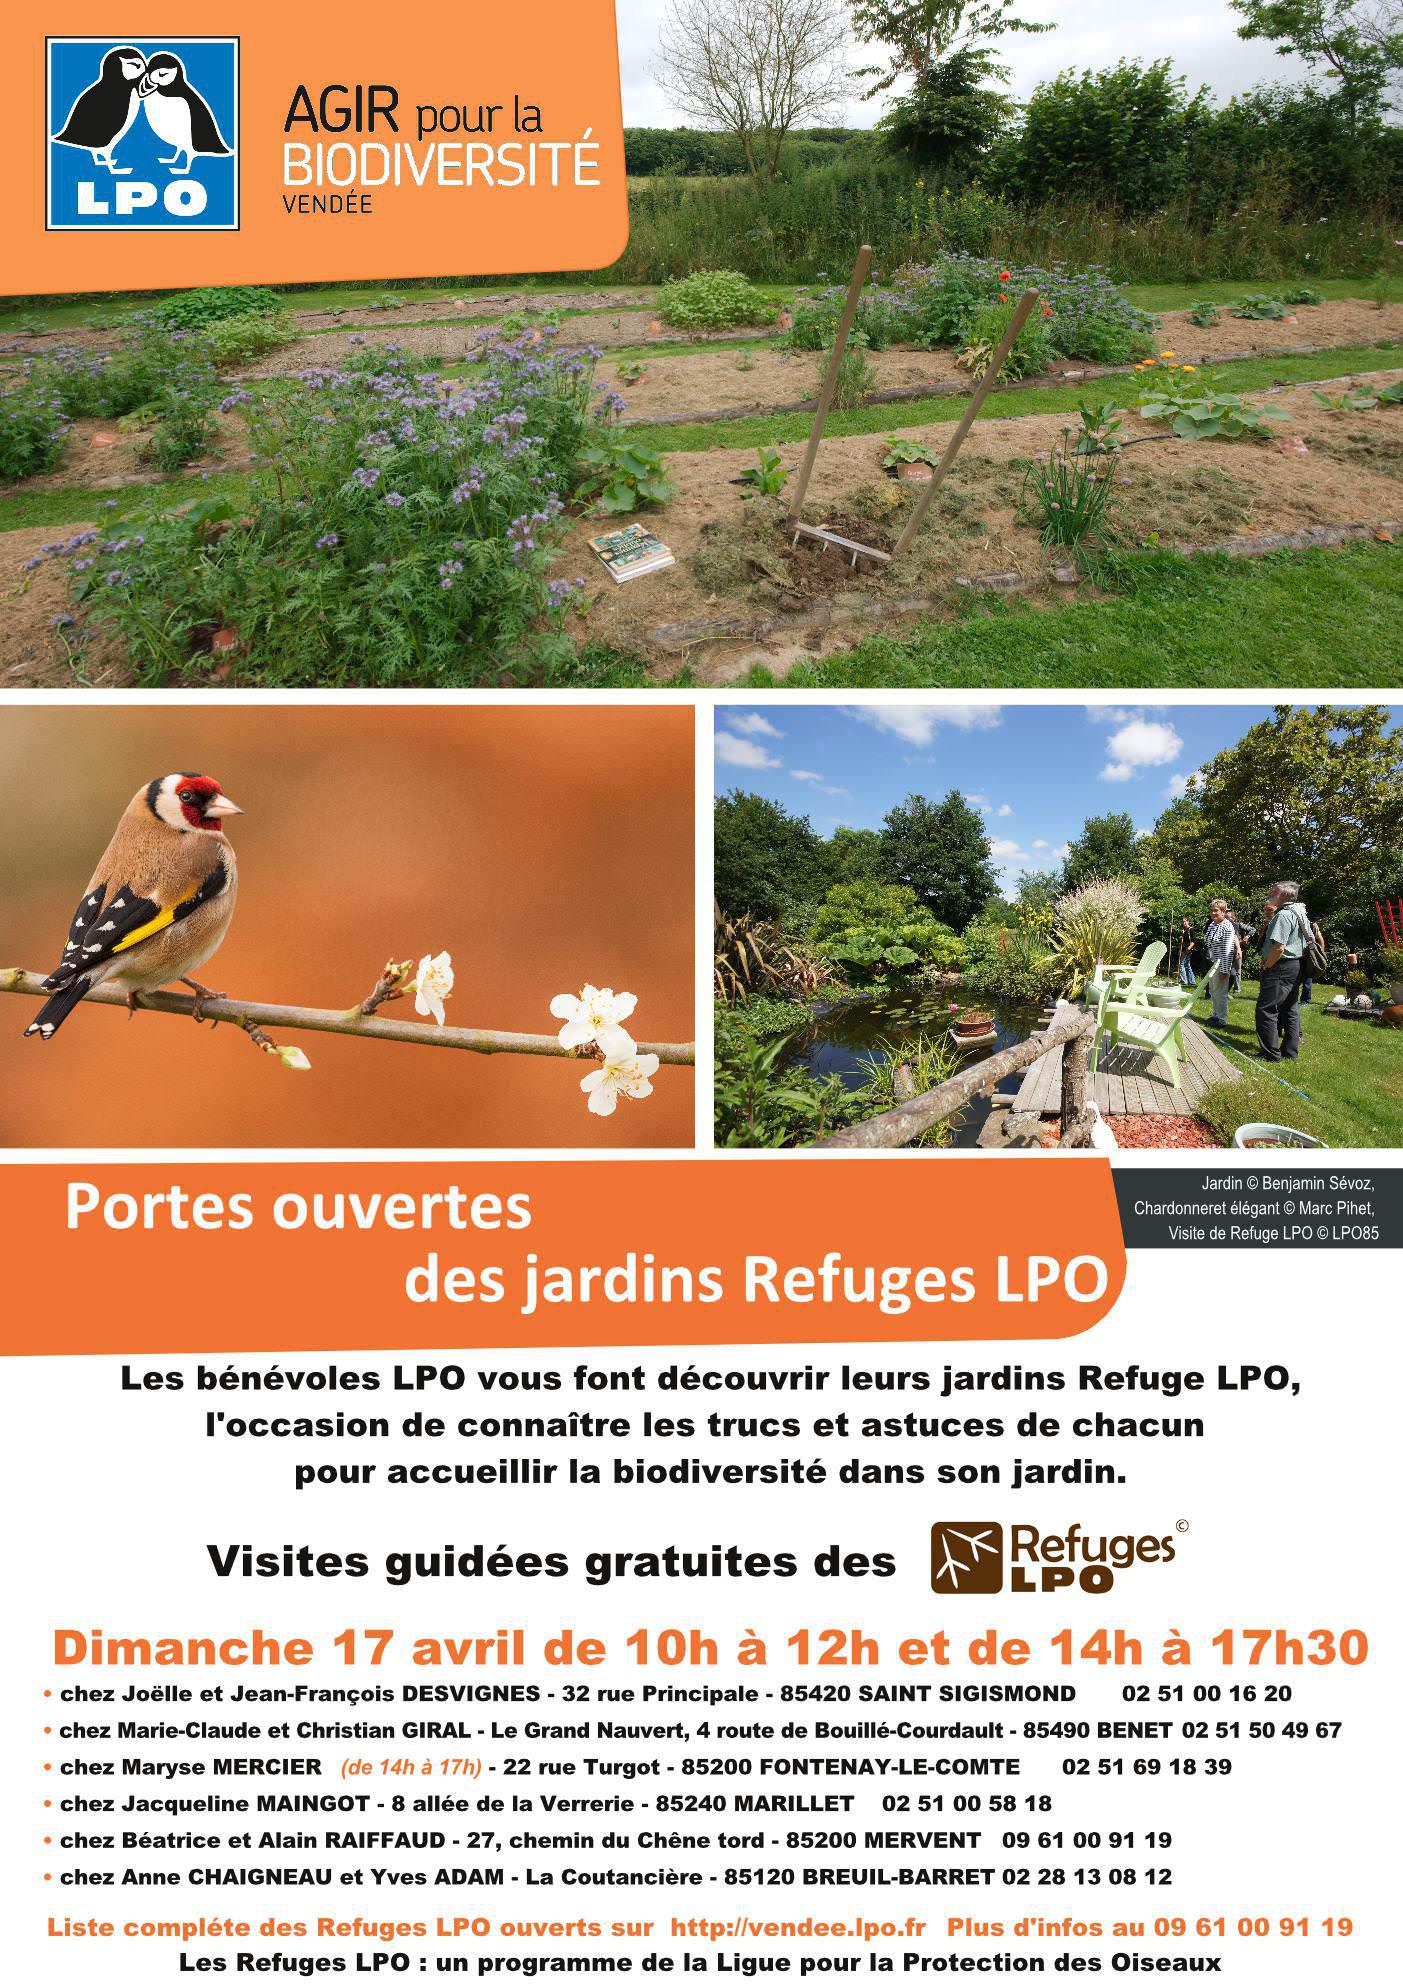 Portes ouvertes du jardin Refuge LPO de Béatrice et Alain